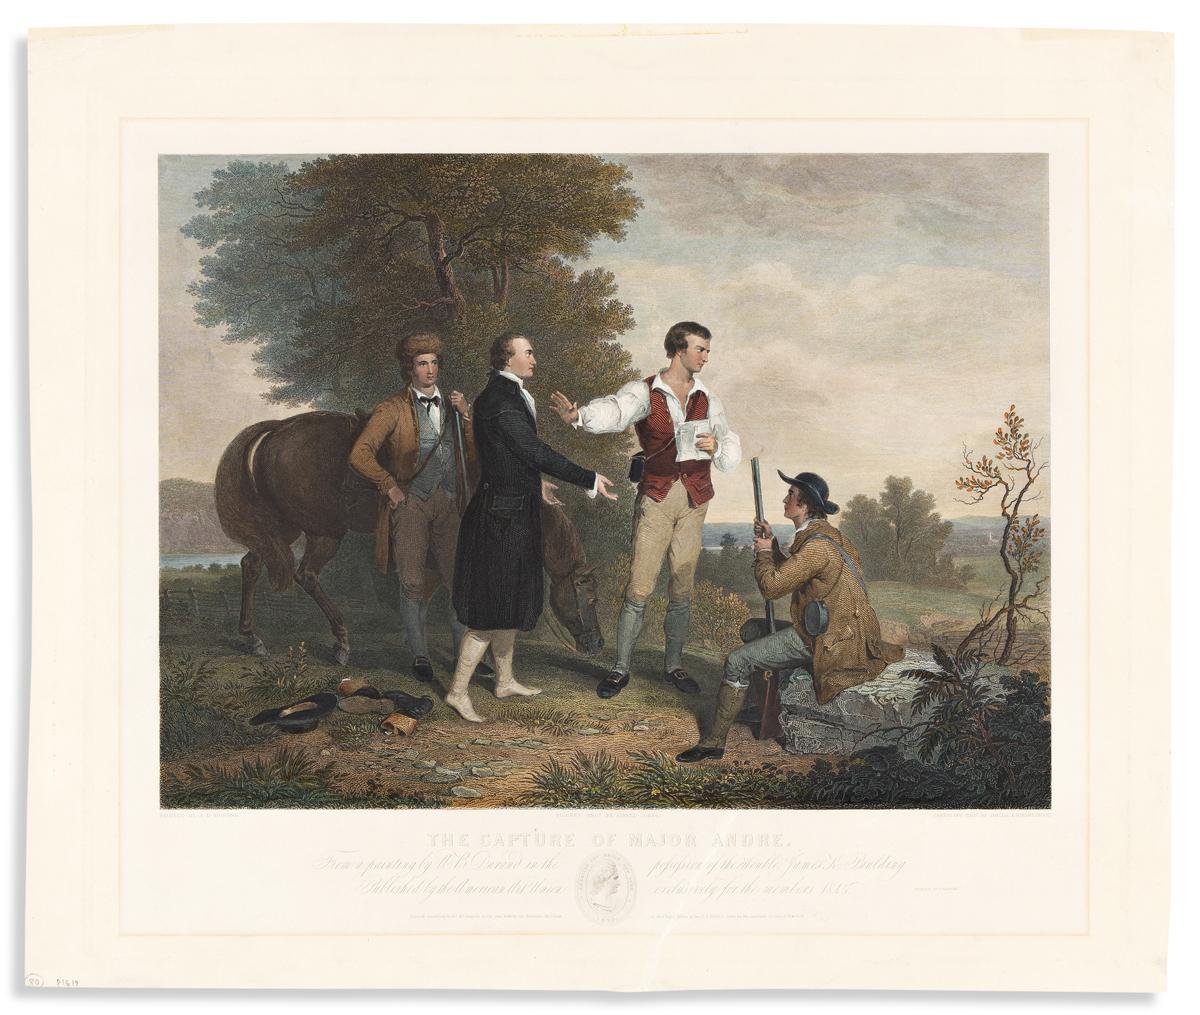 (REVOLUTION.) Alfred Jones, et al., engravers; after Durand. The Capture of Major Andre.